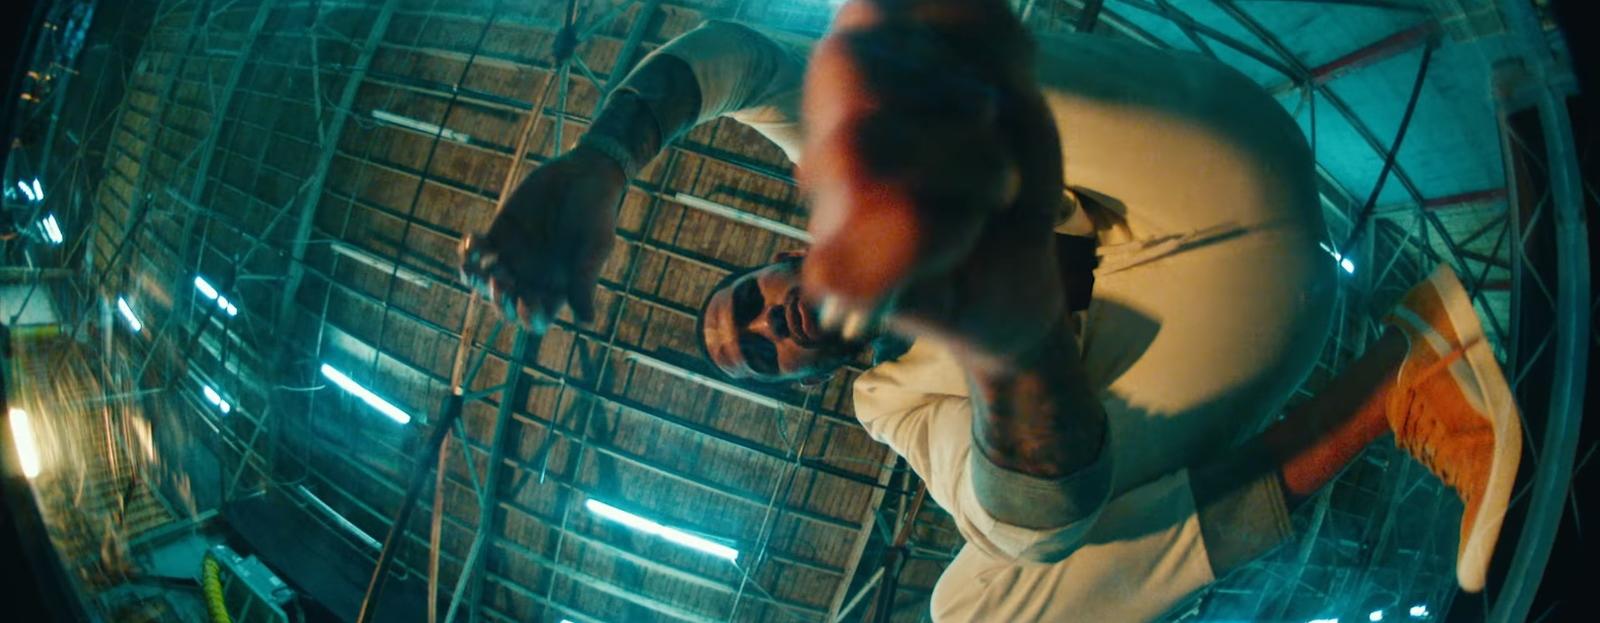 Wiz Khalifa Adidas Shoes